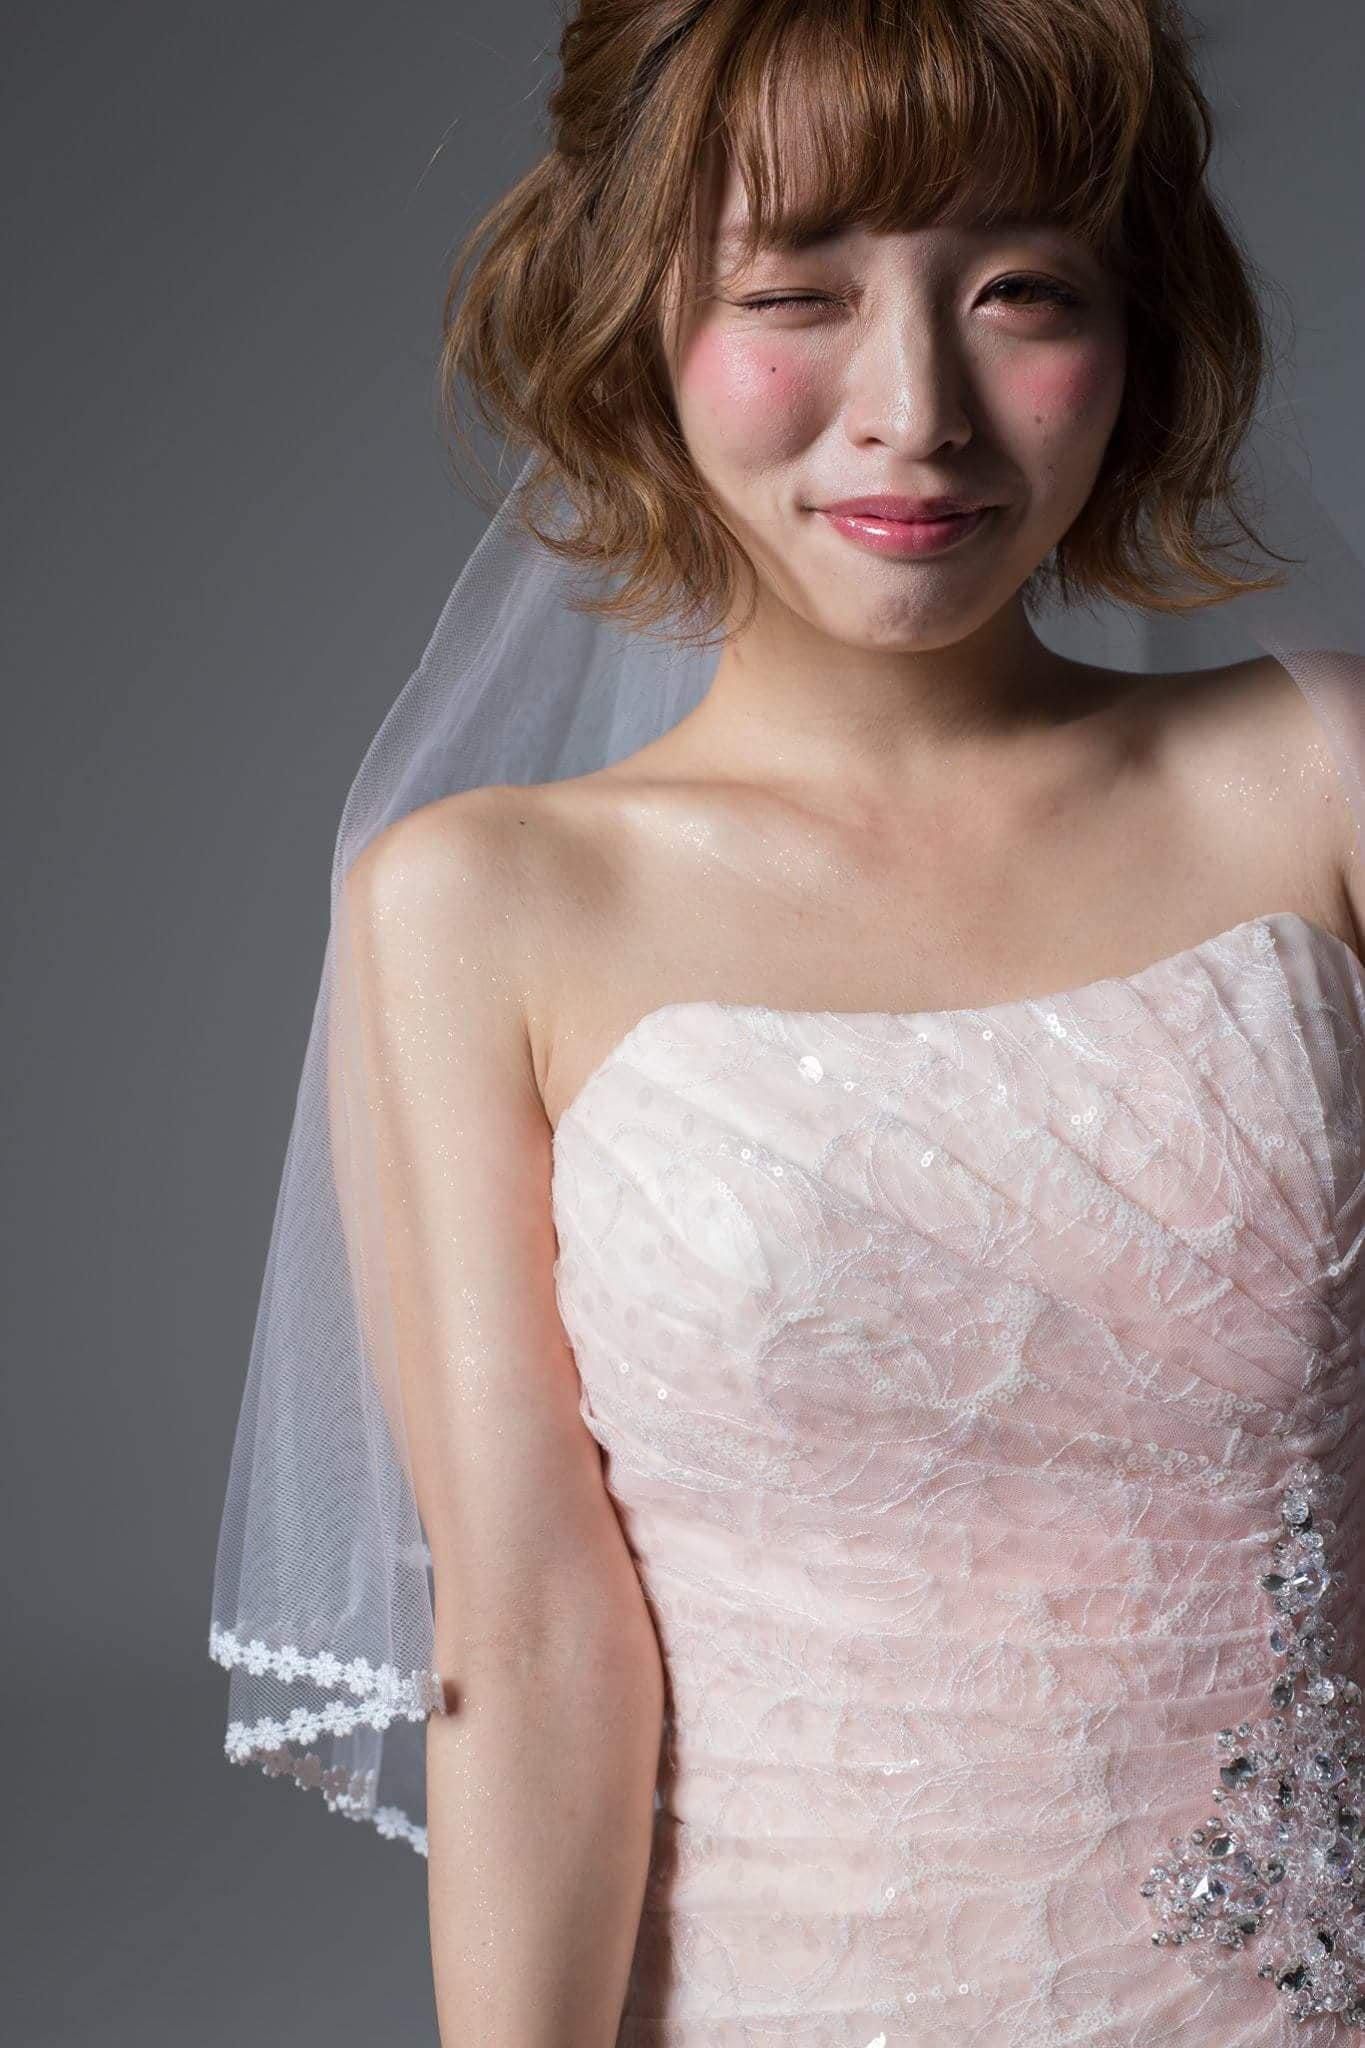 レンタルウエディングドレス(シャーリーナチュラルピンク)のイメージその4